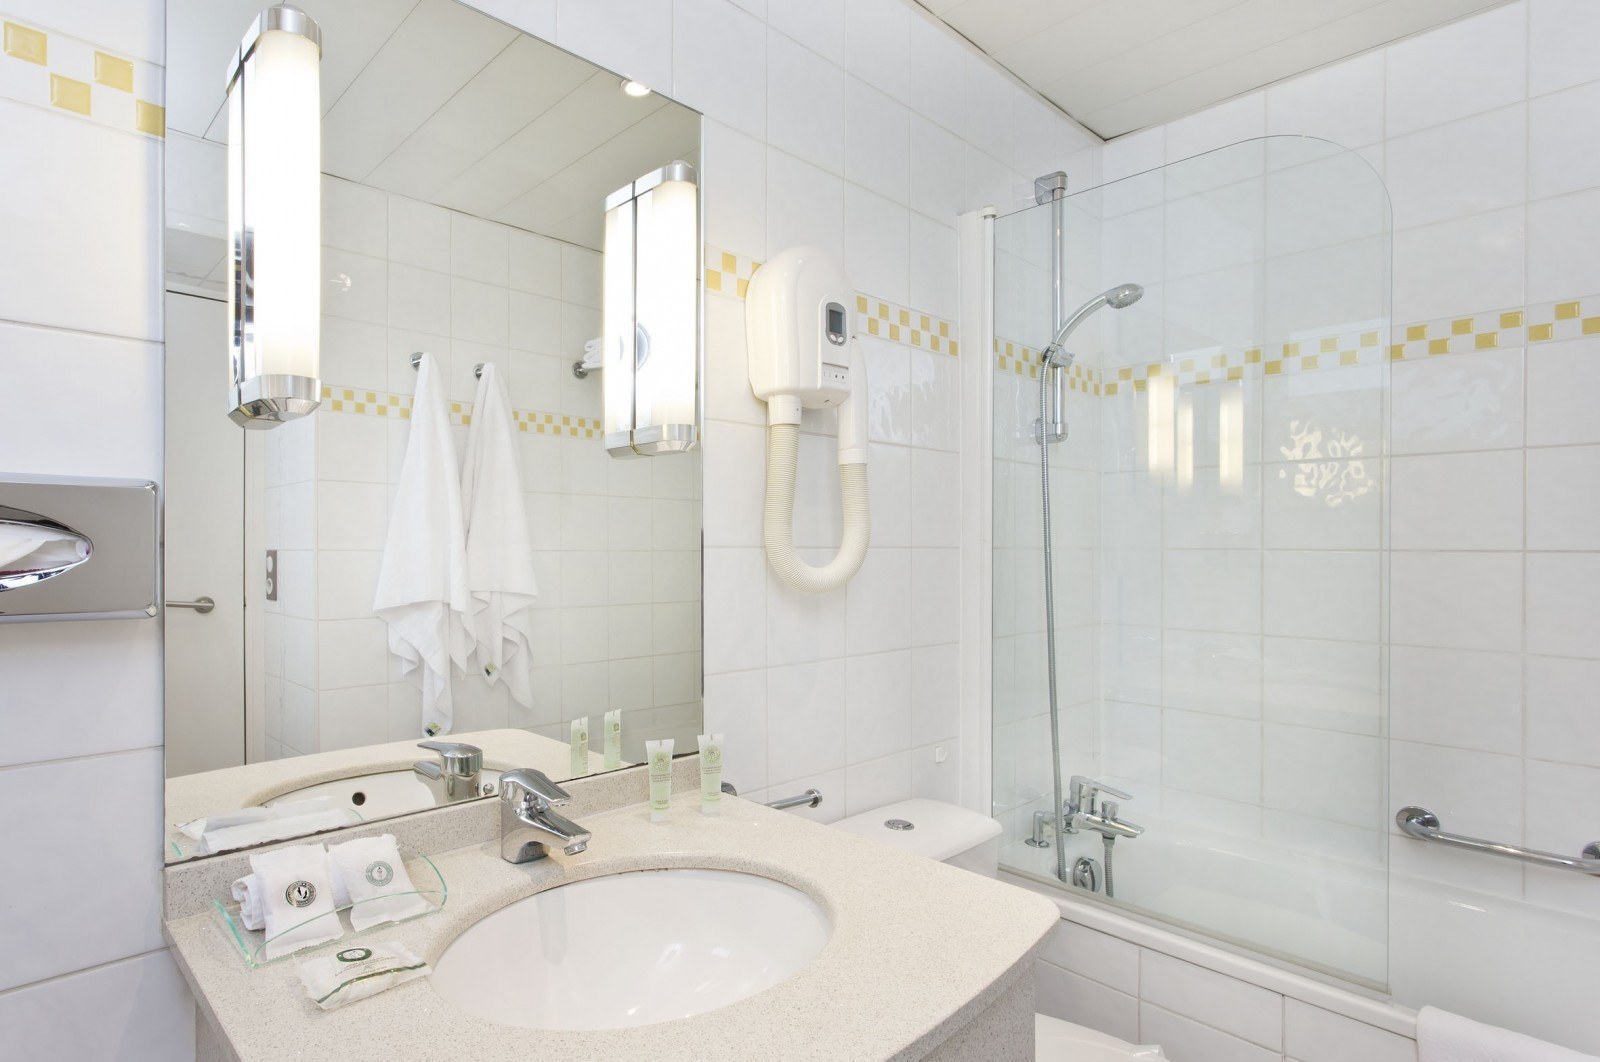 بالصور حمامات فنادق , شاهد بالصور افخم حمامات الفنادق 400 12